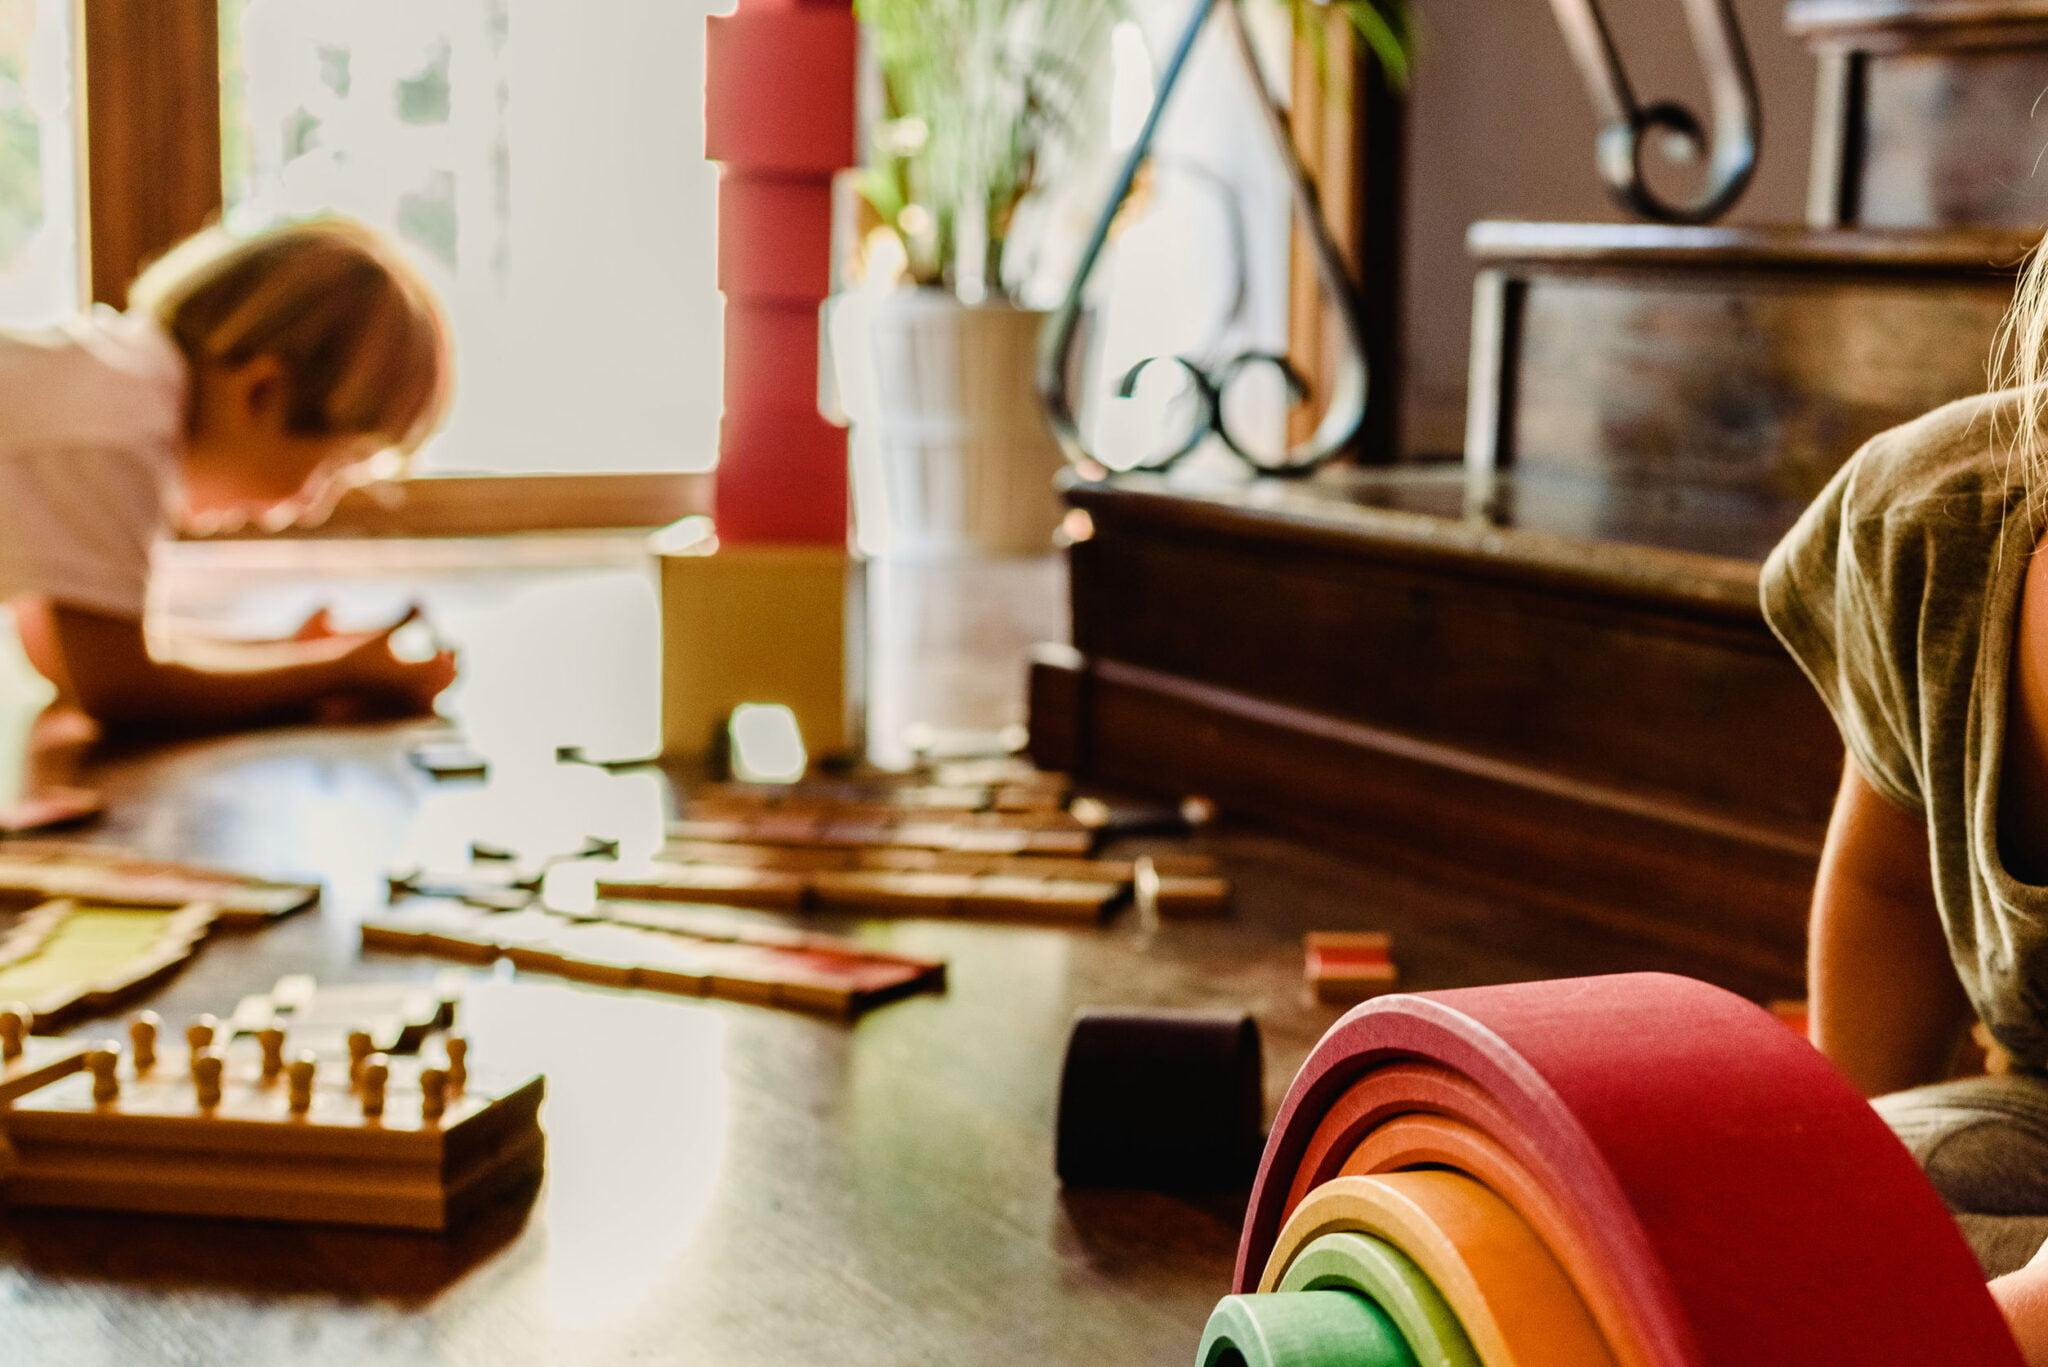 Duurzaam speelgoed voor baby's en kinderen; wat is het en tips voor houten en poppen speelgoed per leeftijdsjaar Inclusief overzicht duurzame merken en waar te kopen - mamaliefde.nl